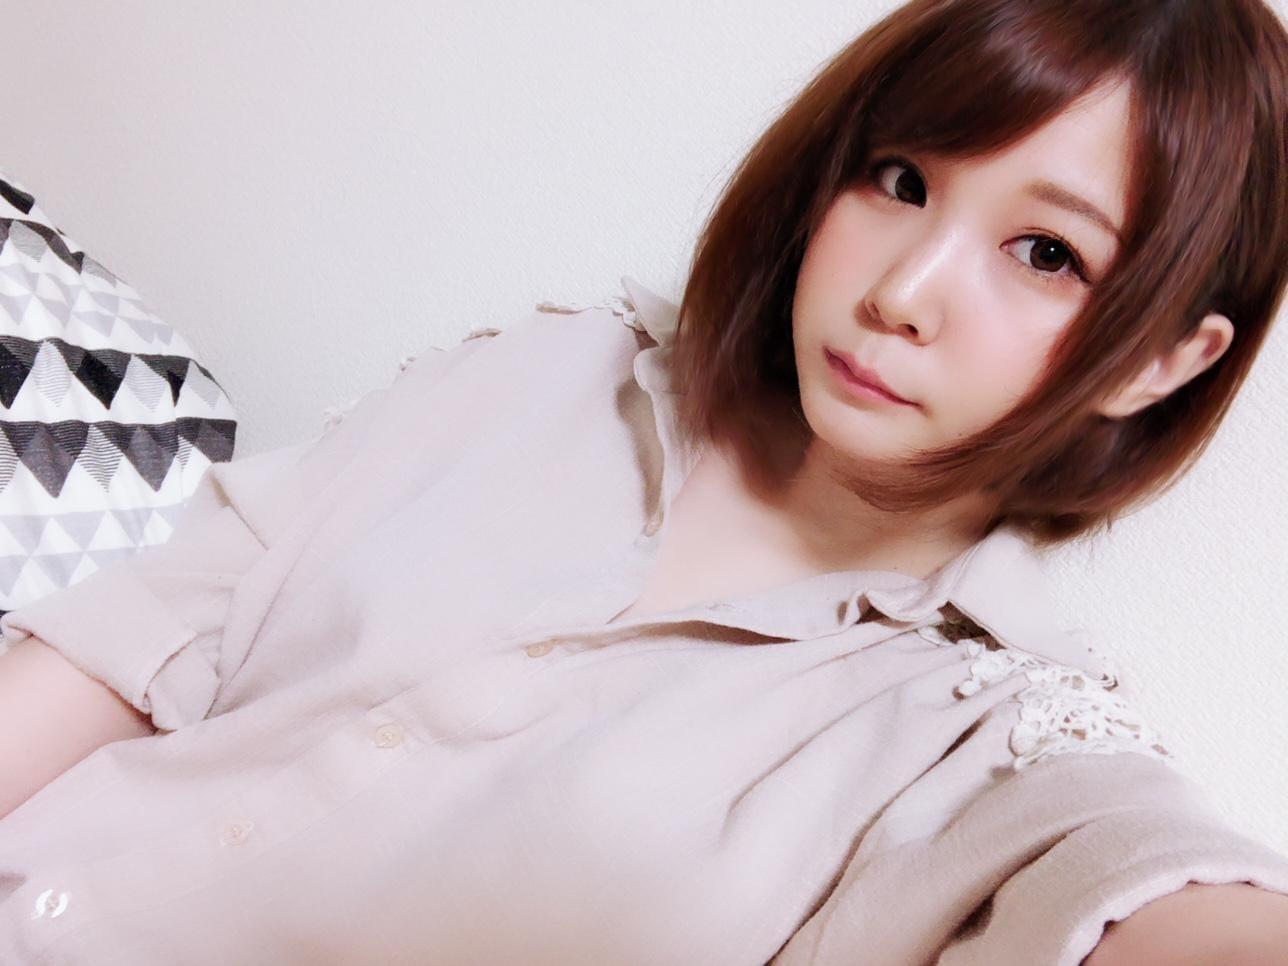 「おはようございます」10/17(10/17) 19:40 | さやか☆絶対的アイドル☆の写メ・風俗動画